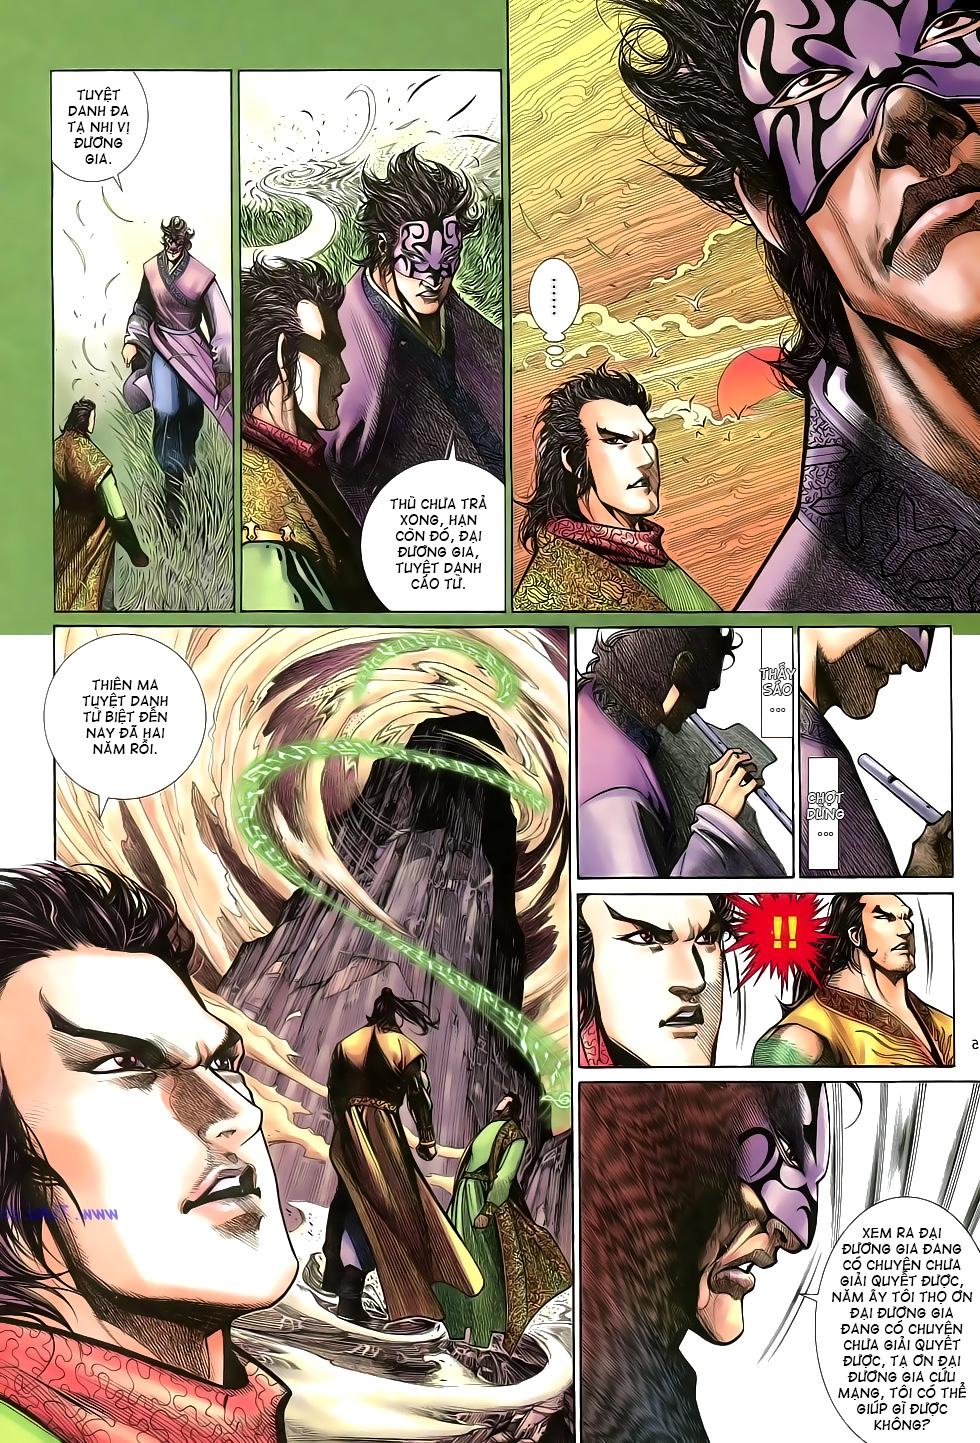 Anh hùng vô lệ Chap 16: Kiếm túy sư cuồng bất lưu đấu  trang 16